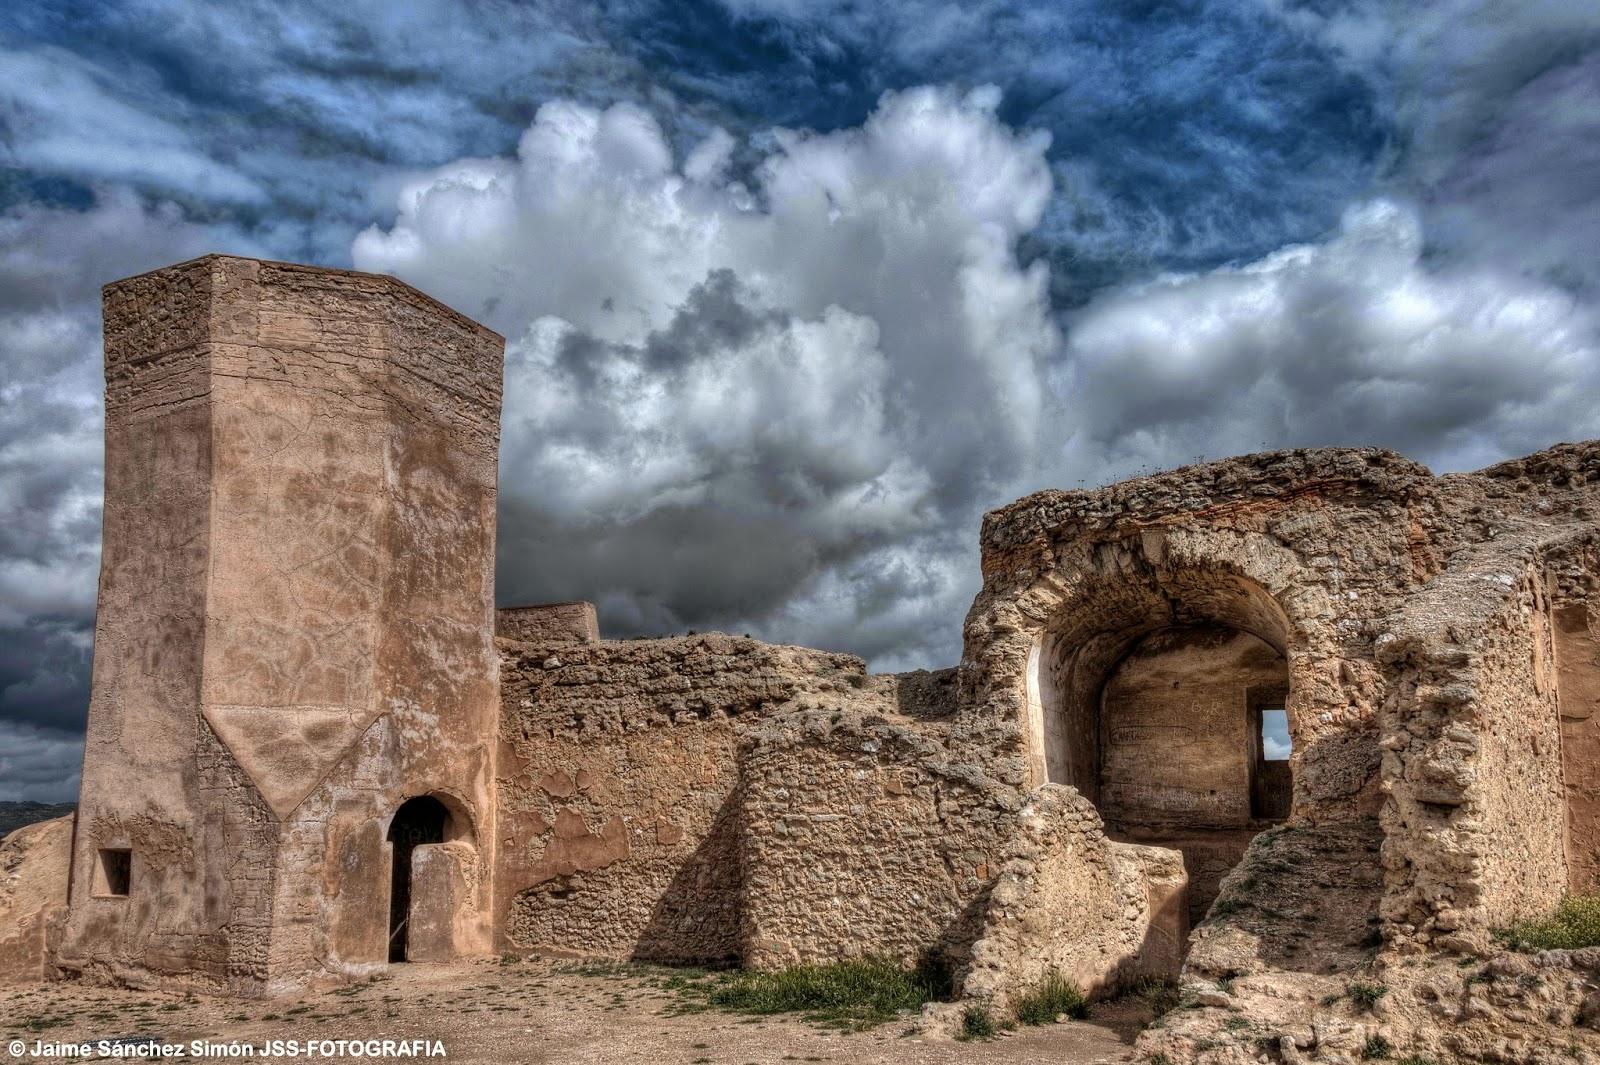 Jaime s nchez sim n jss fotografia castillo de ayud - Hotel castillo de ayud calatayud ...